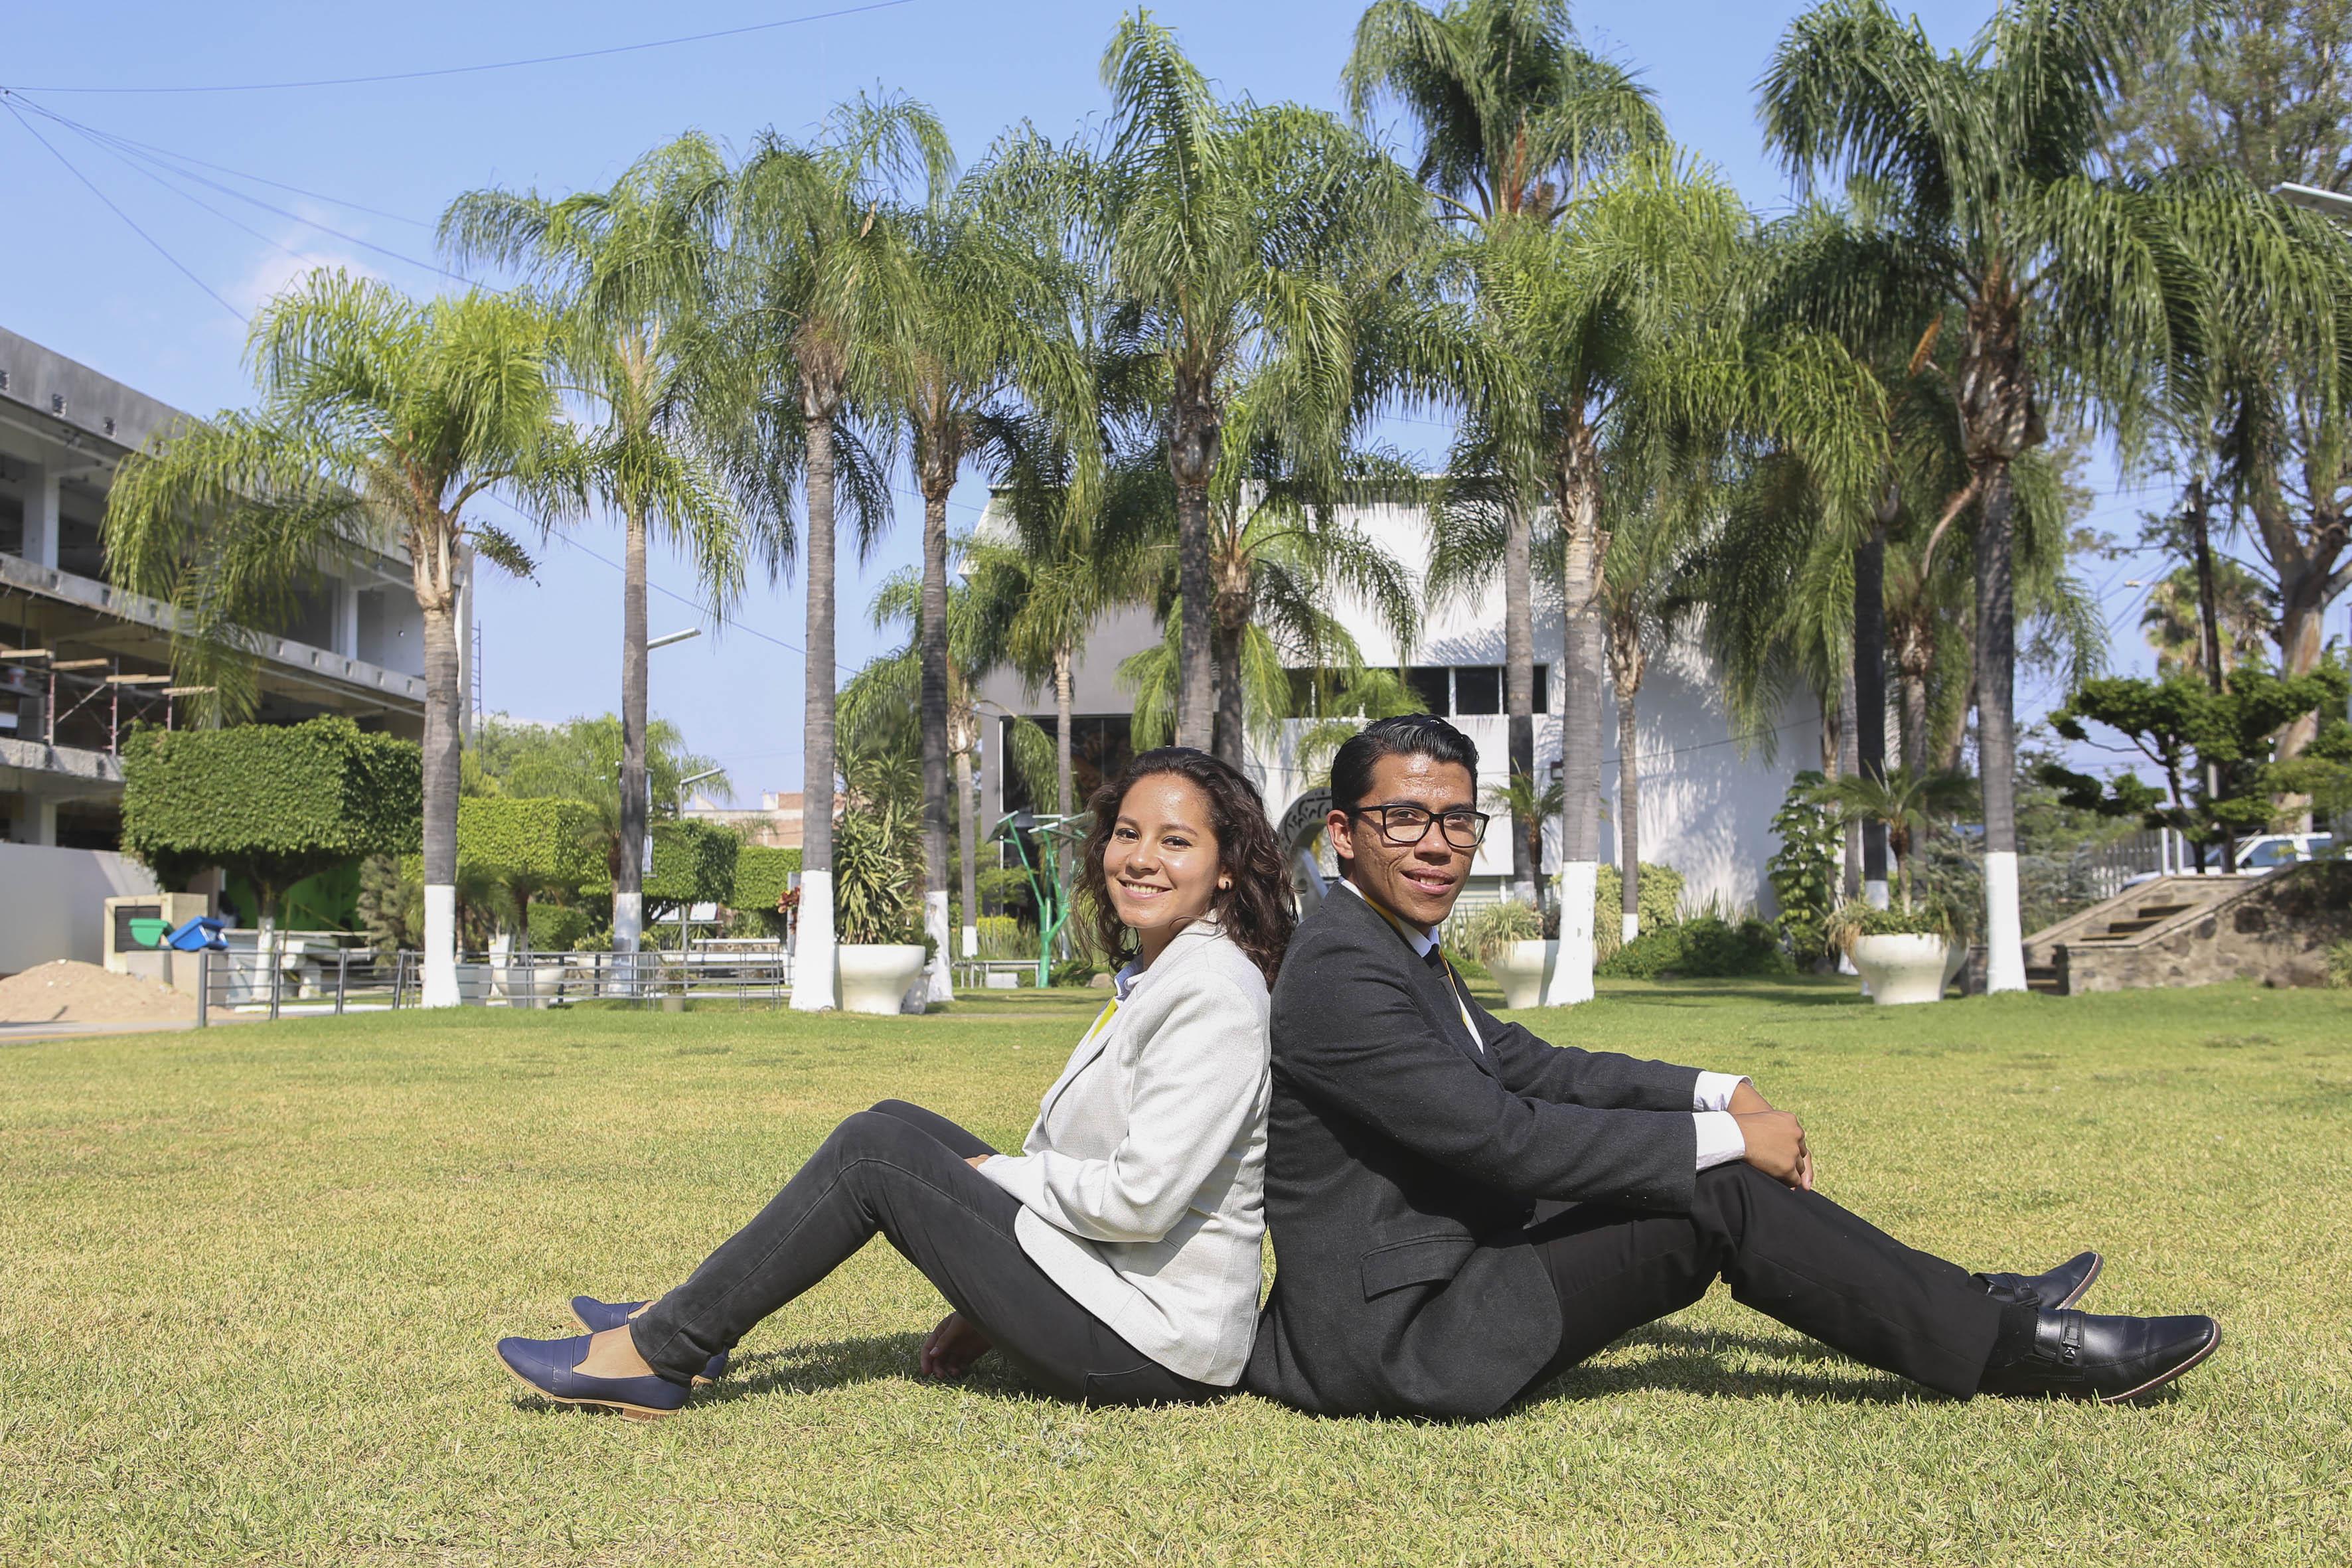 Alumnos sentados recargando sus espaldas entre sí, en jardines de Rectoría